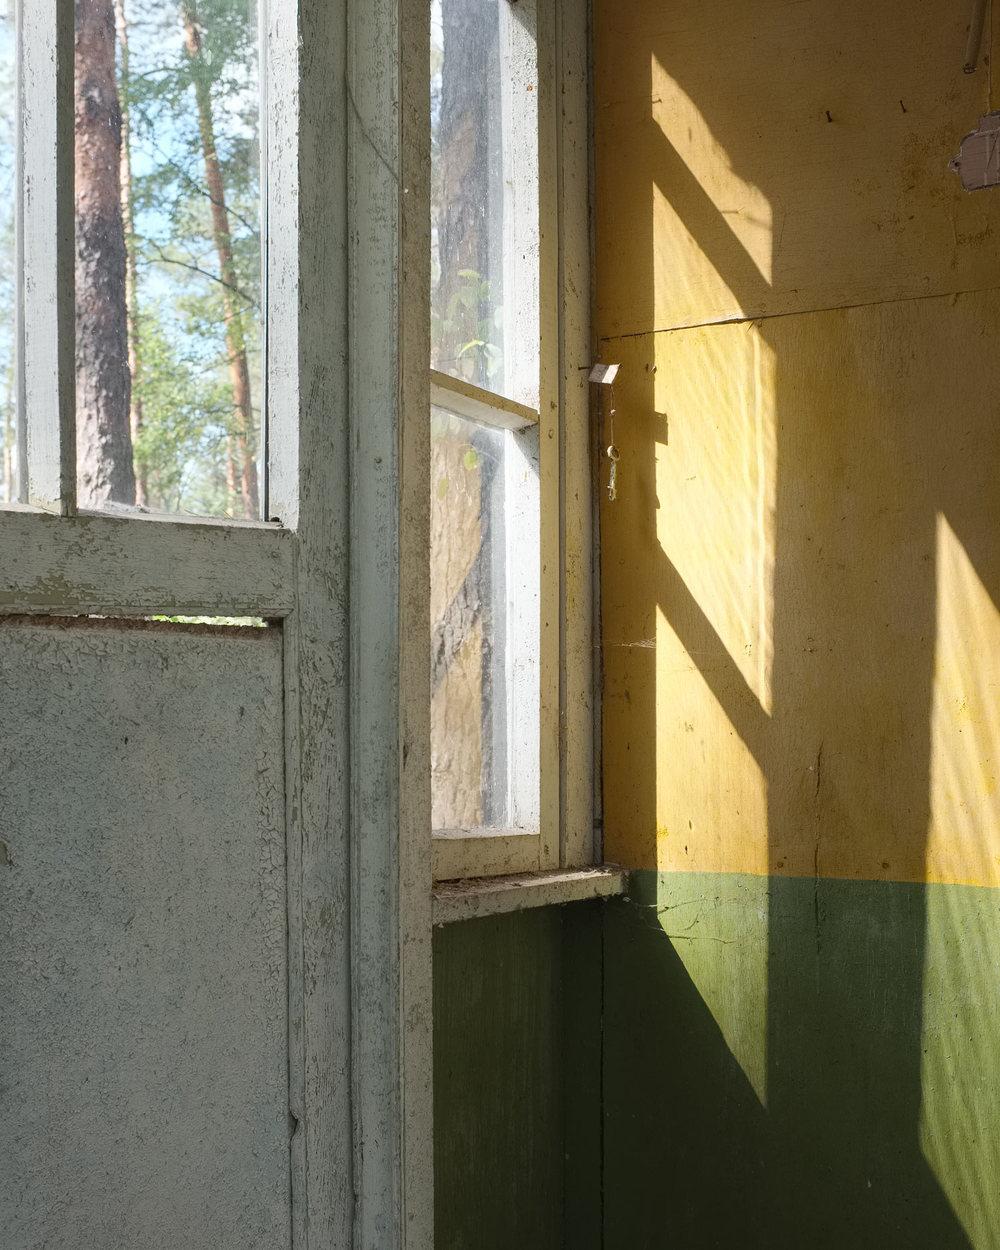 291_chernobyl_EmeraldChildrensCamp_w.jpg